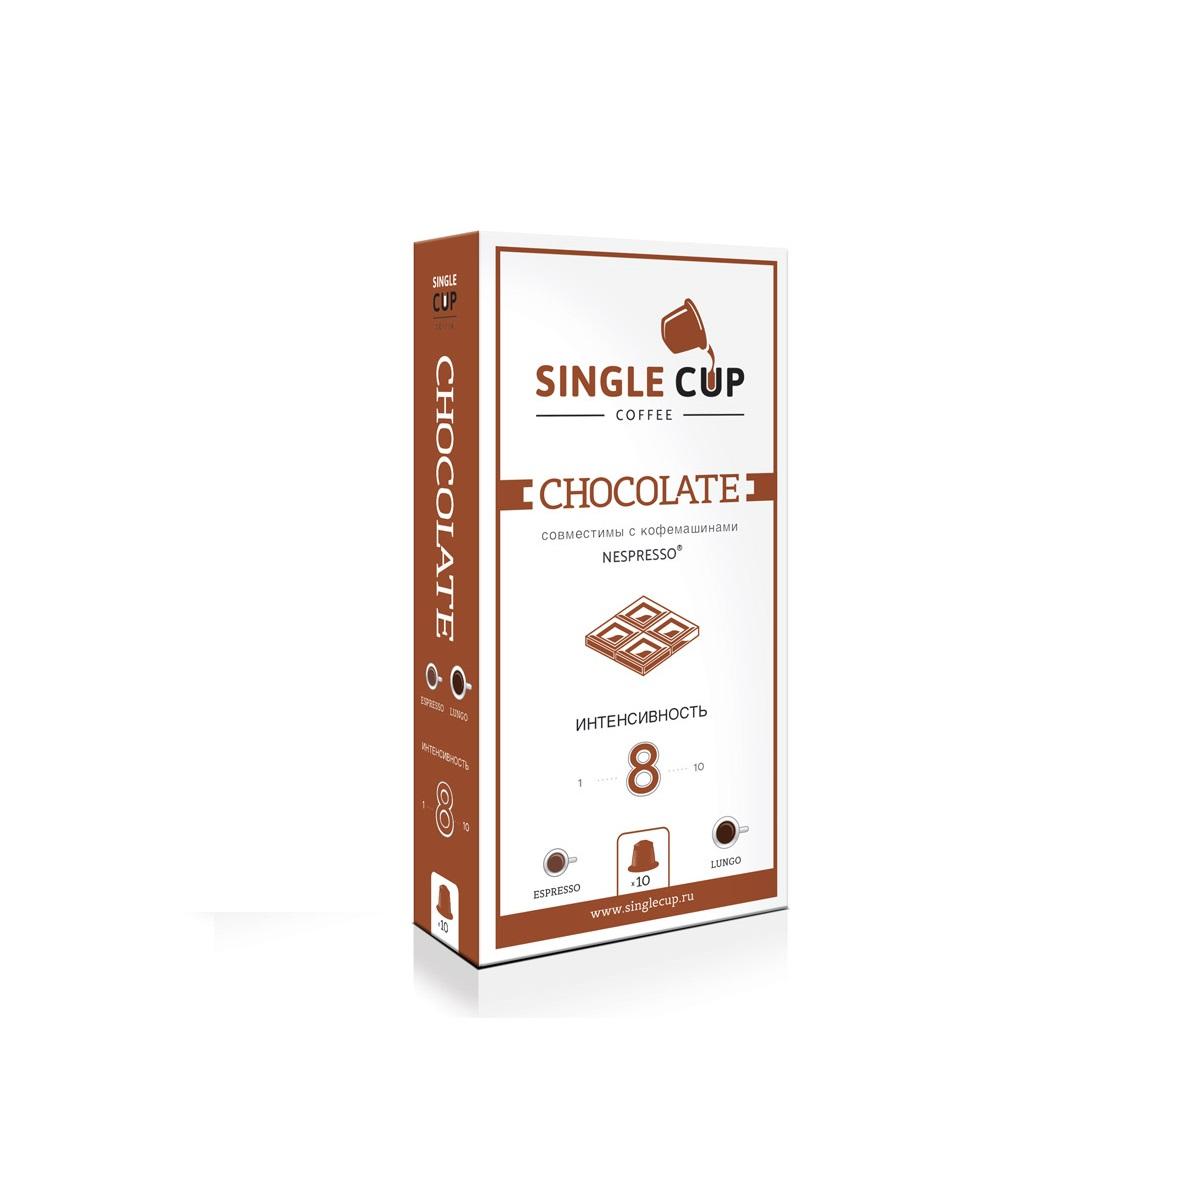 Кофе в капсулах Single Cup Coffee Chocolate, 55 г